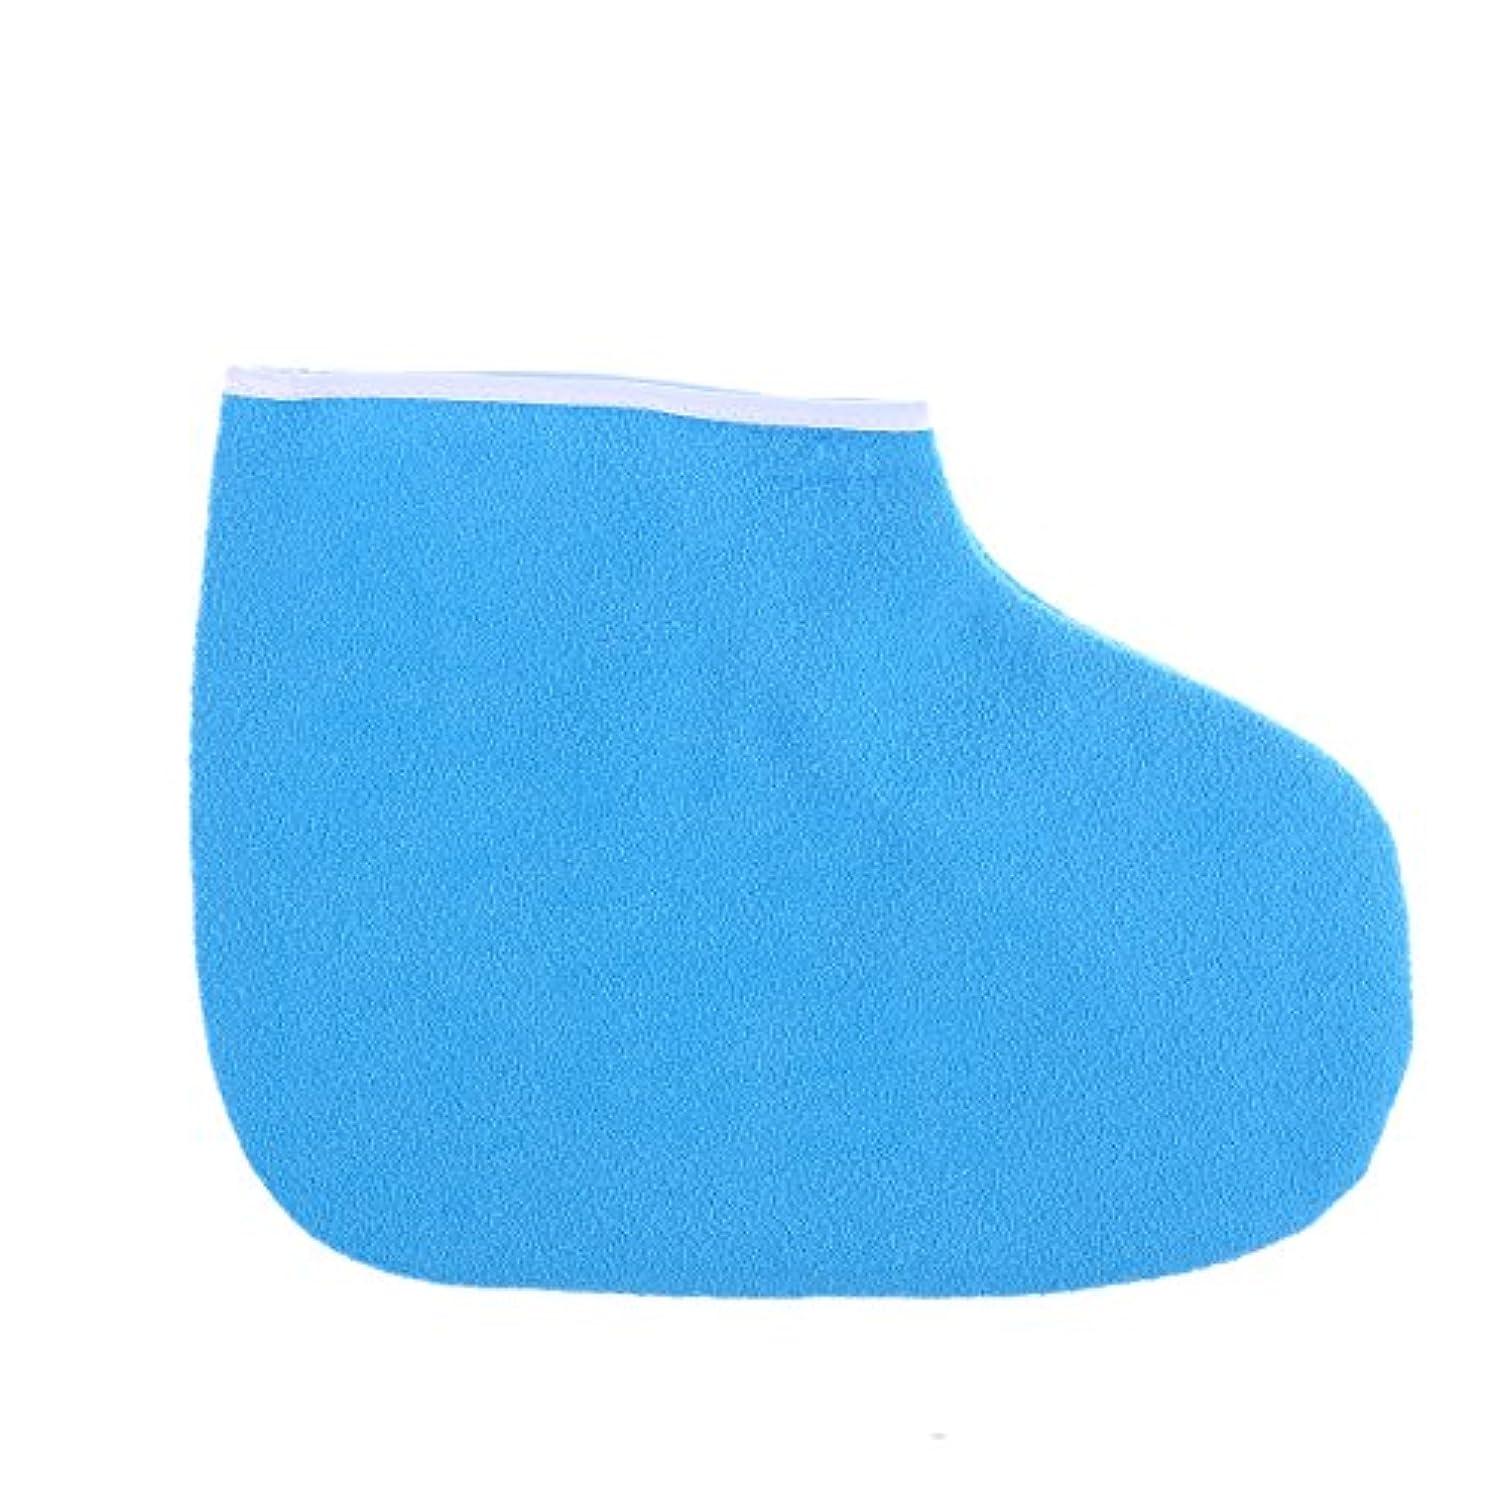 義務づけるインフルエンザ薬局HEALLILY パラフィンブーティワックスバスフットスパカバー温熱療法絶縁ソフトコットン保湿フットストラップ(ブルー)